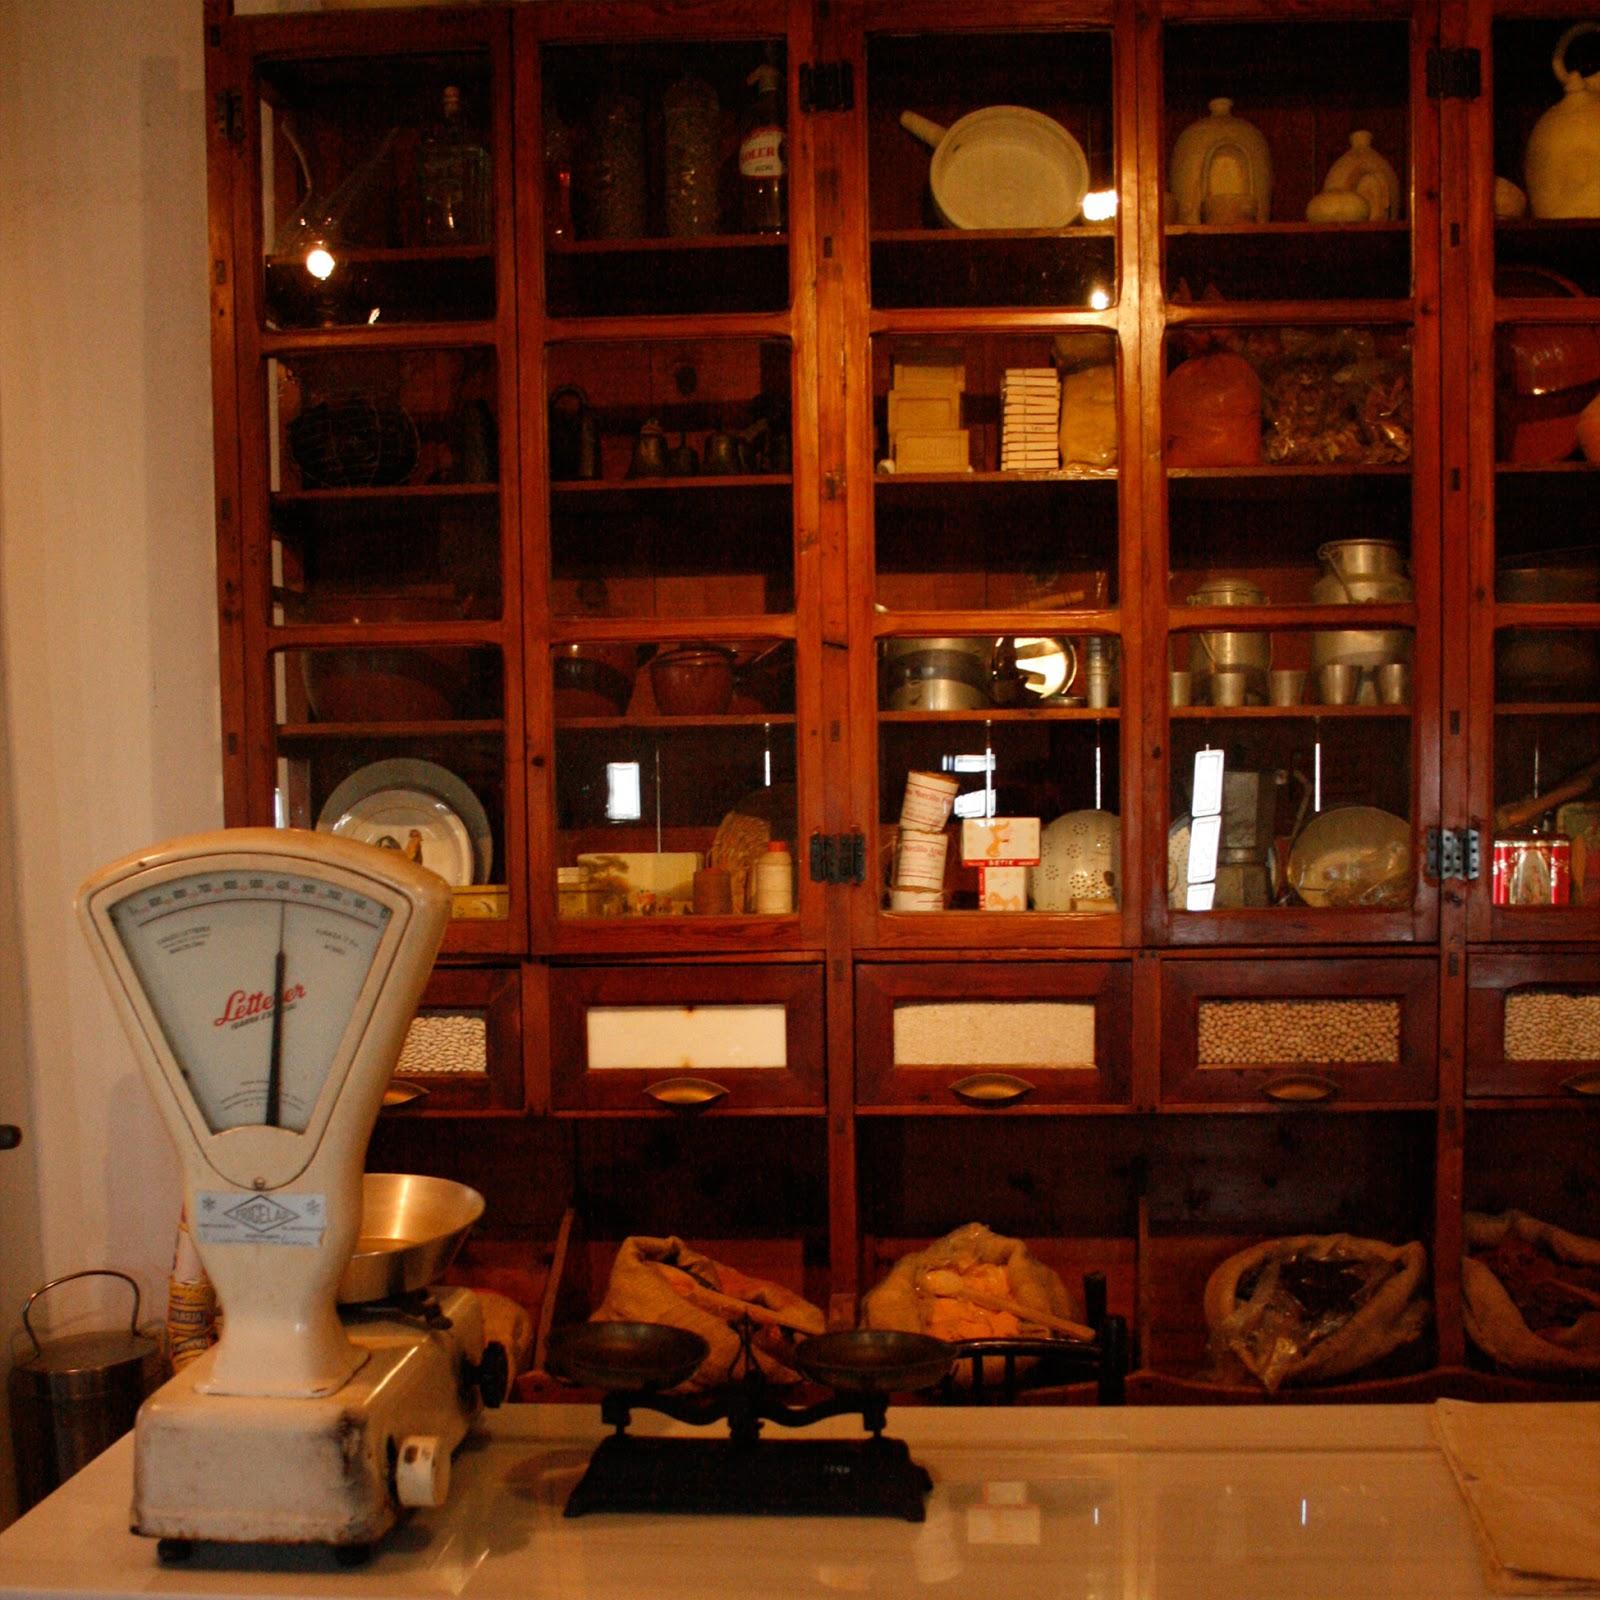 colección, etnologia